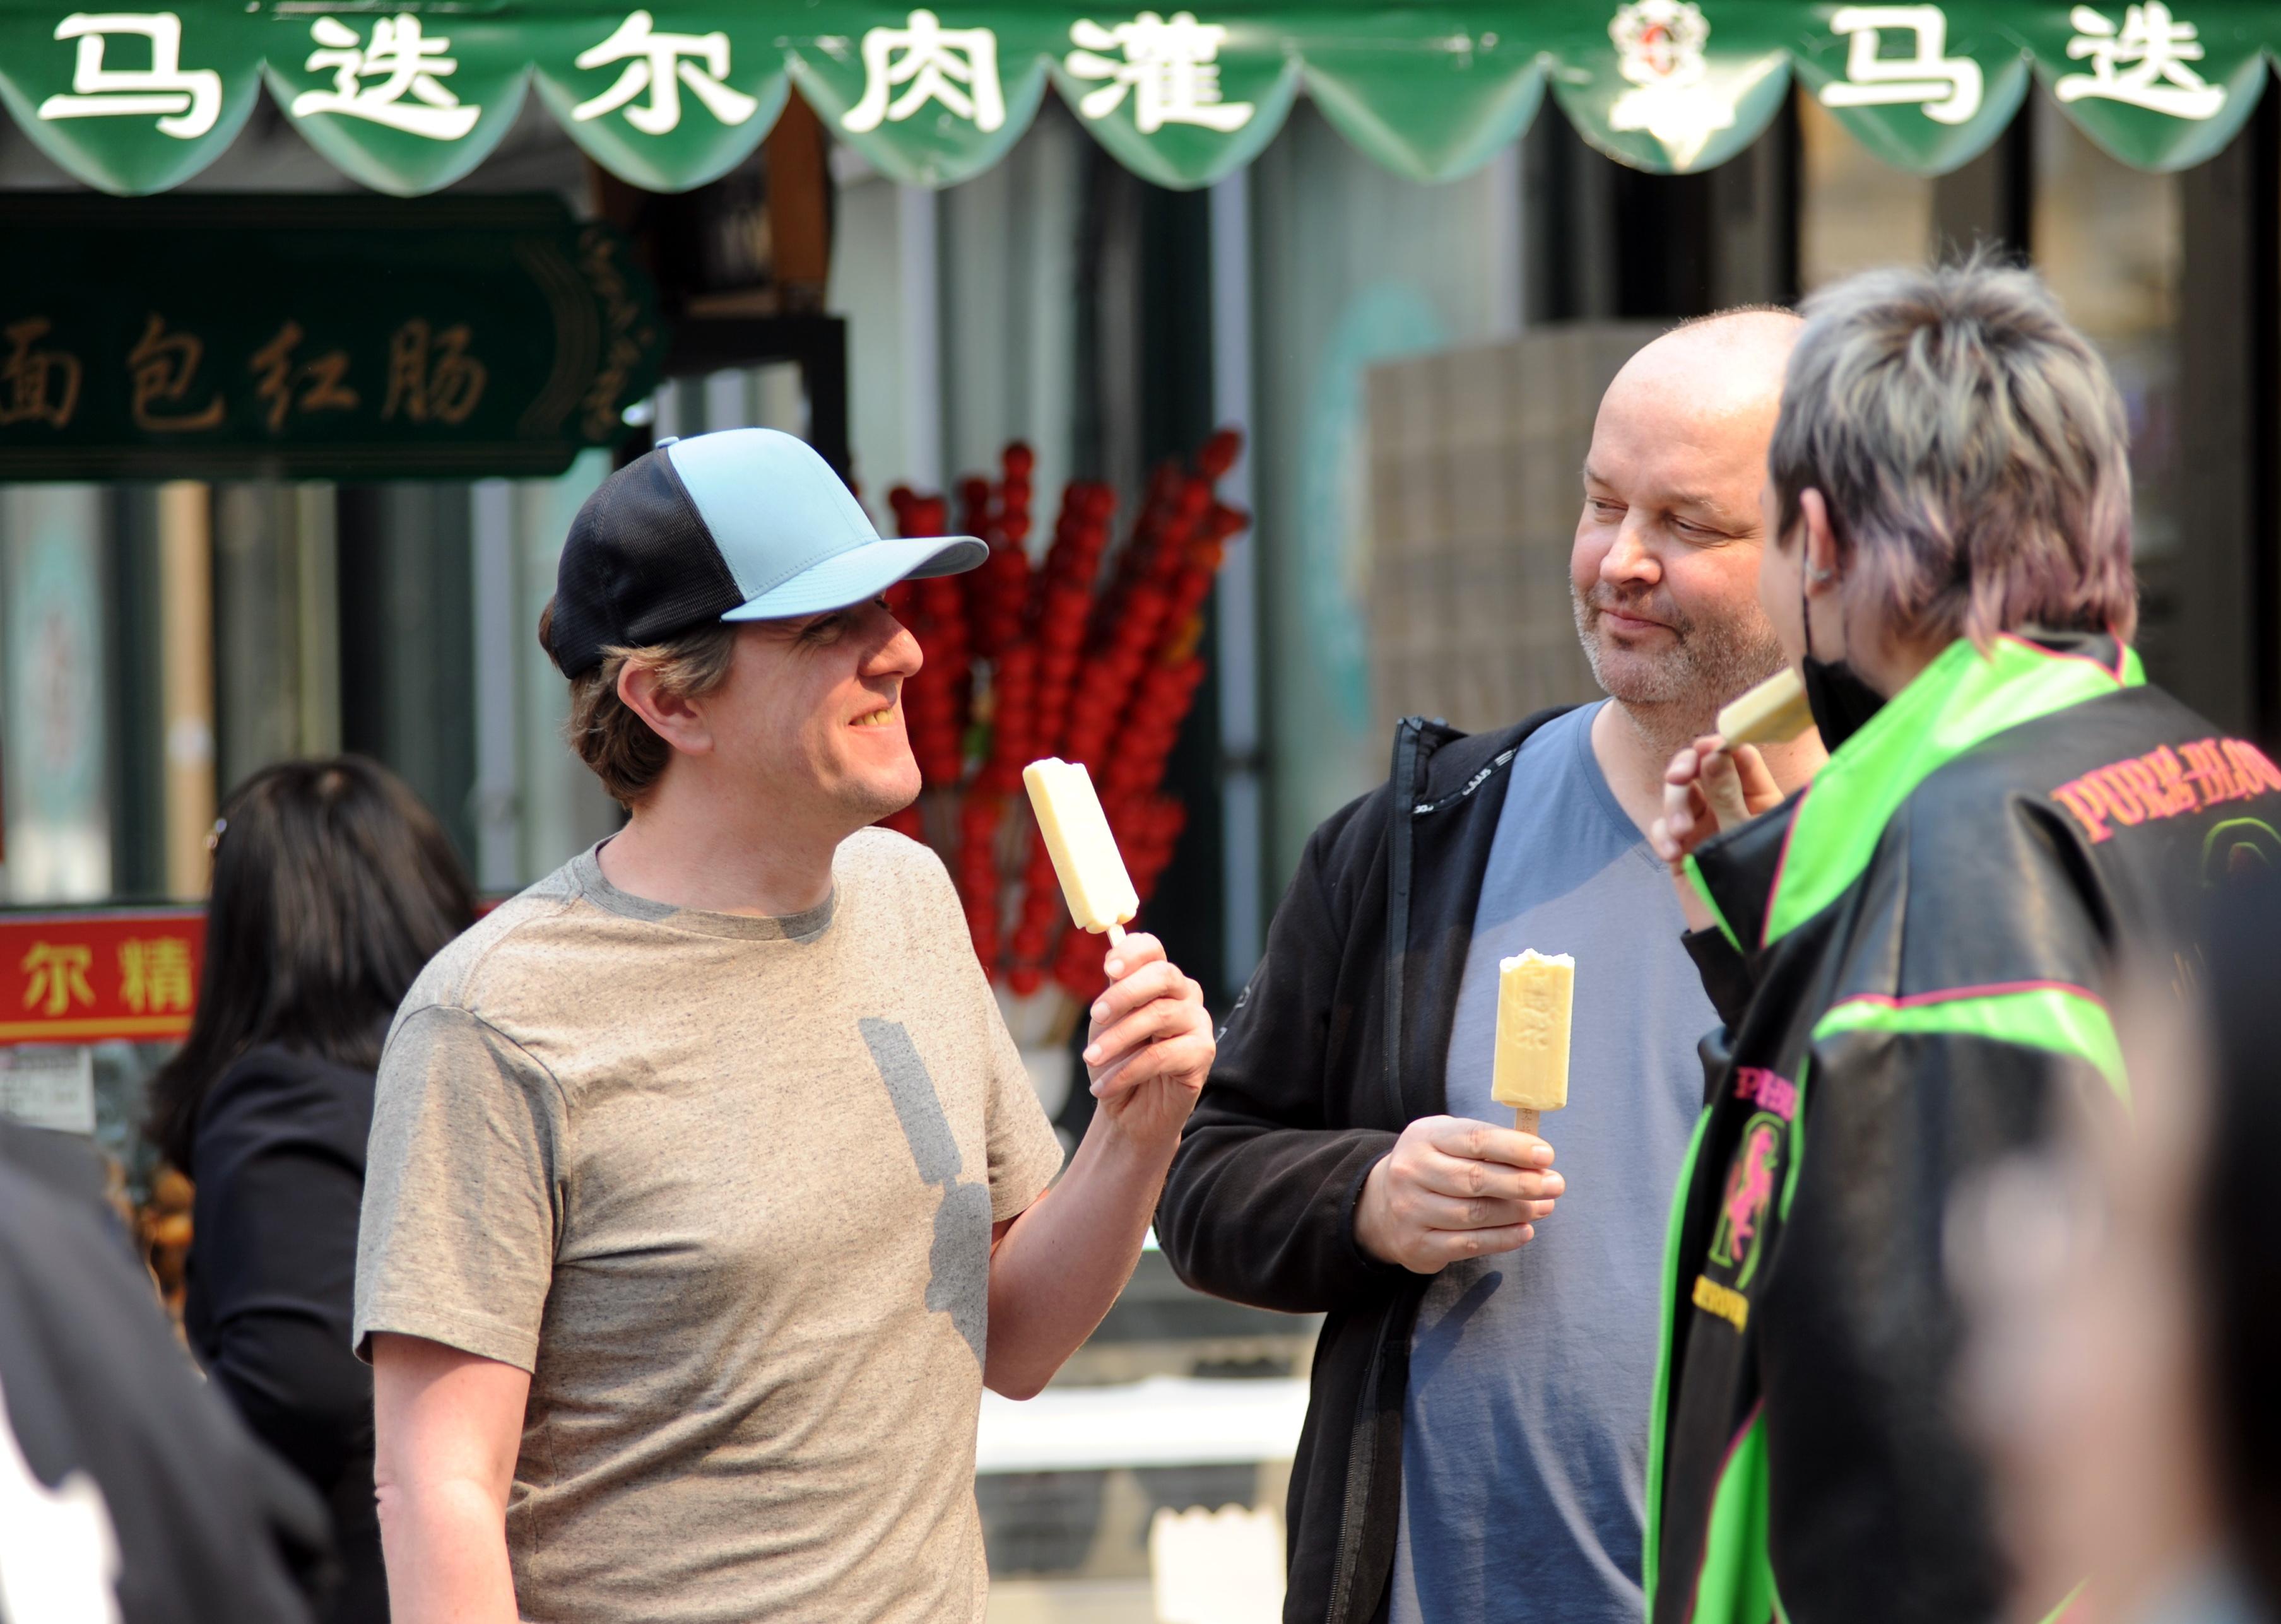 """21日,来自气象部门的消息显示,哈尔滨市当日最高气温达22度,冰城哈尔滨进入""""撸胳膊挽袖子""""的季节。 一夜间,哈尔滨街头巷尾的行人脱掉长袖衣物,而出行的美女们更是裙舞飞扬,百年老街步行街上行人的出行标配多是一根马迭尔冰棍或是一杯冷饮。"""